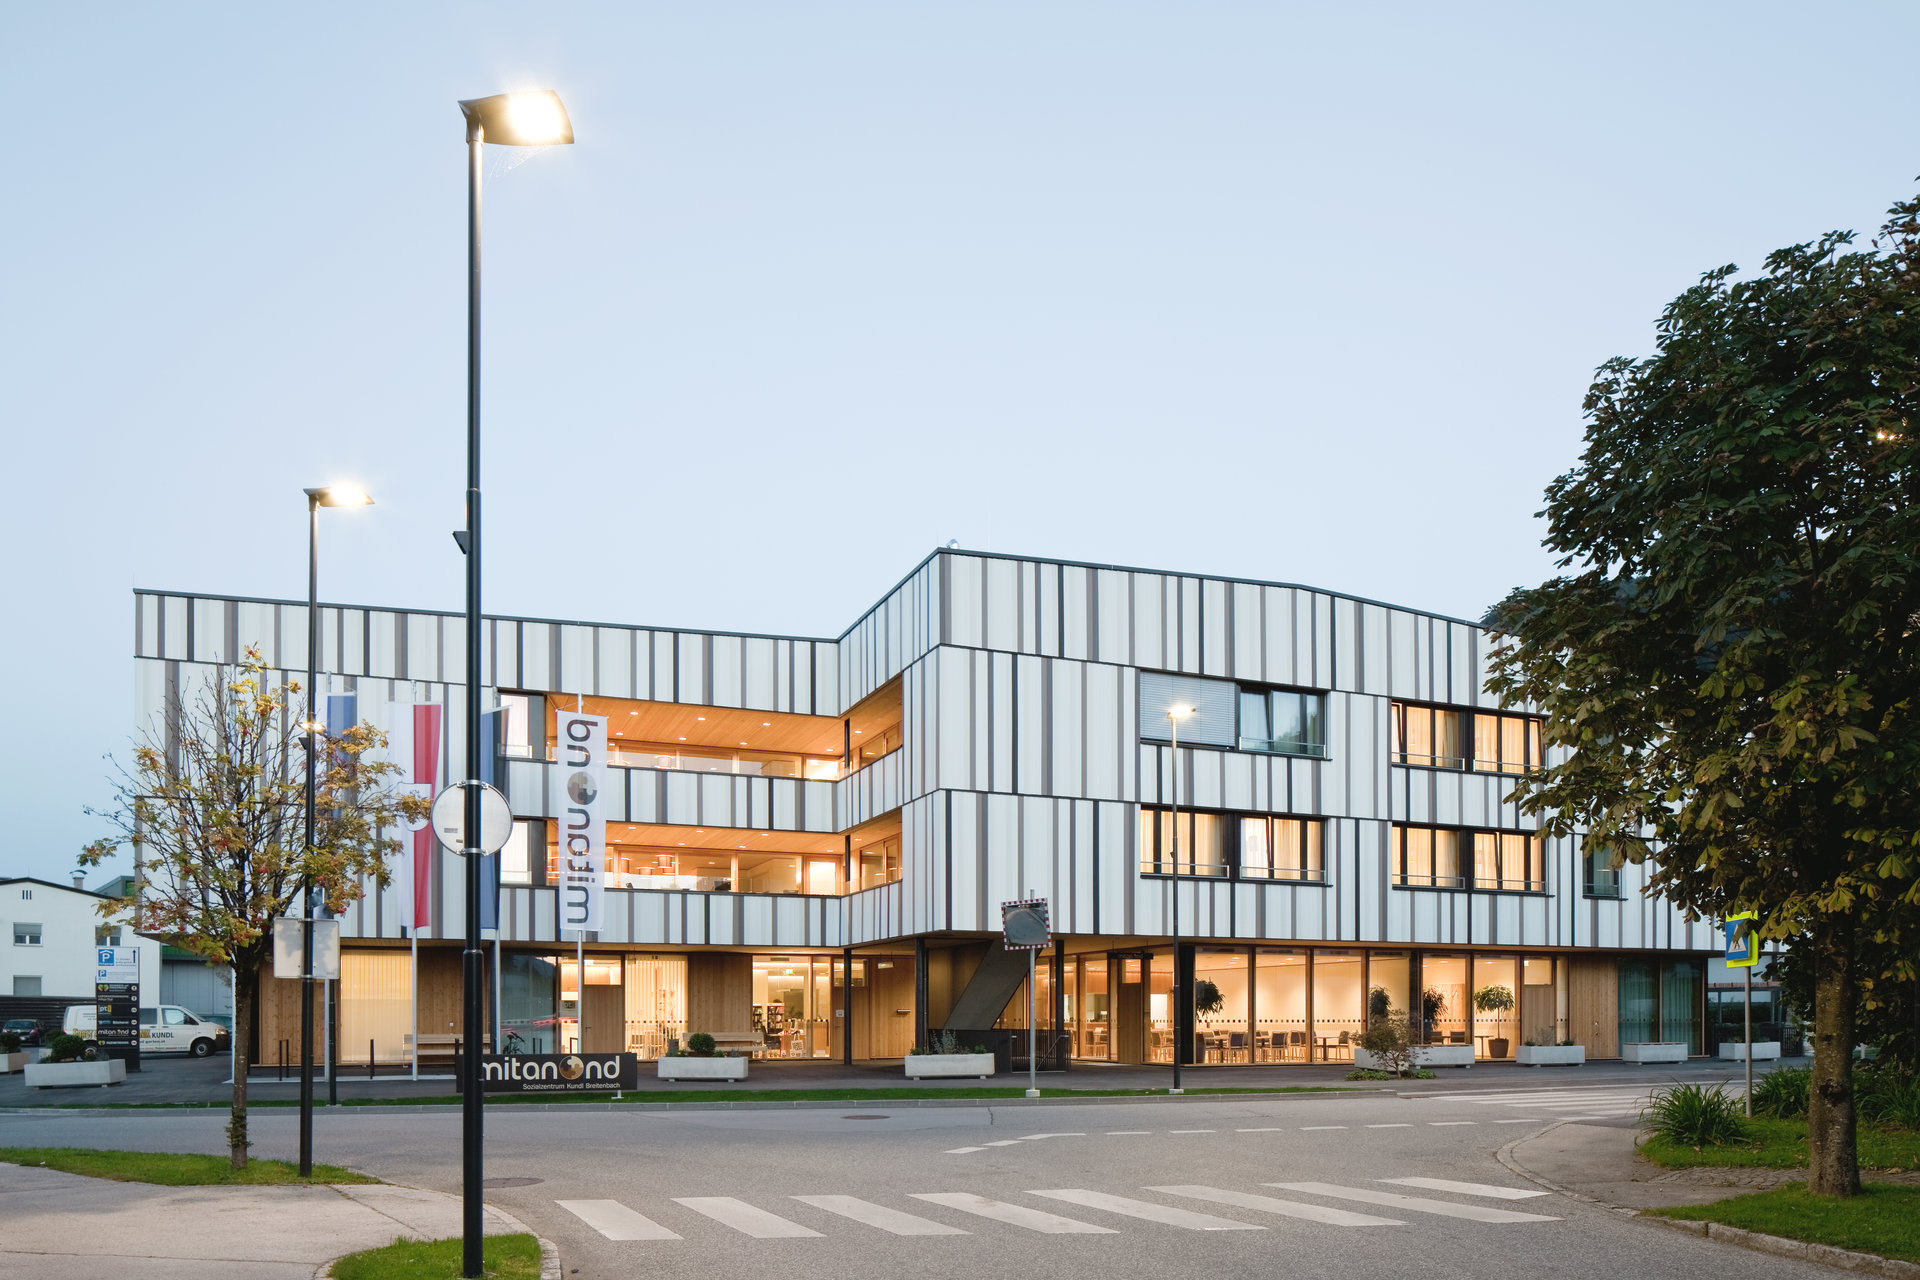 Sozialzentrum mitanond Kundl - Breitenbach